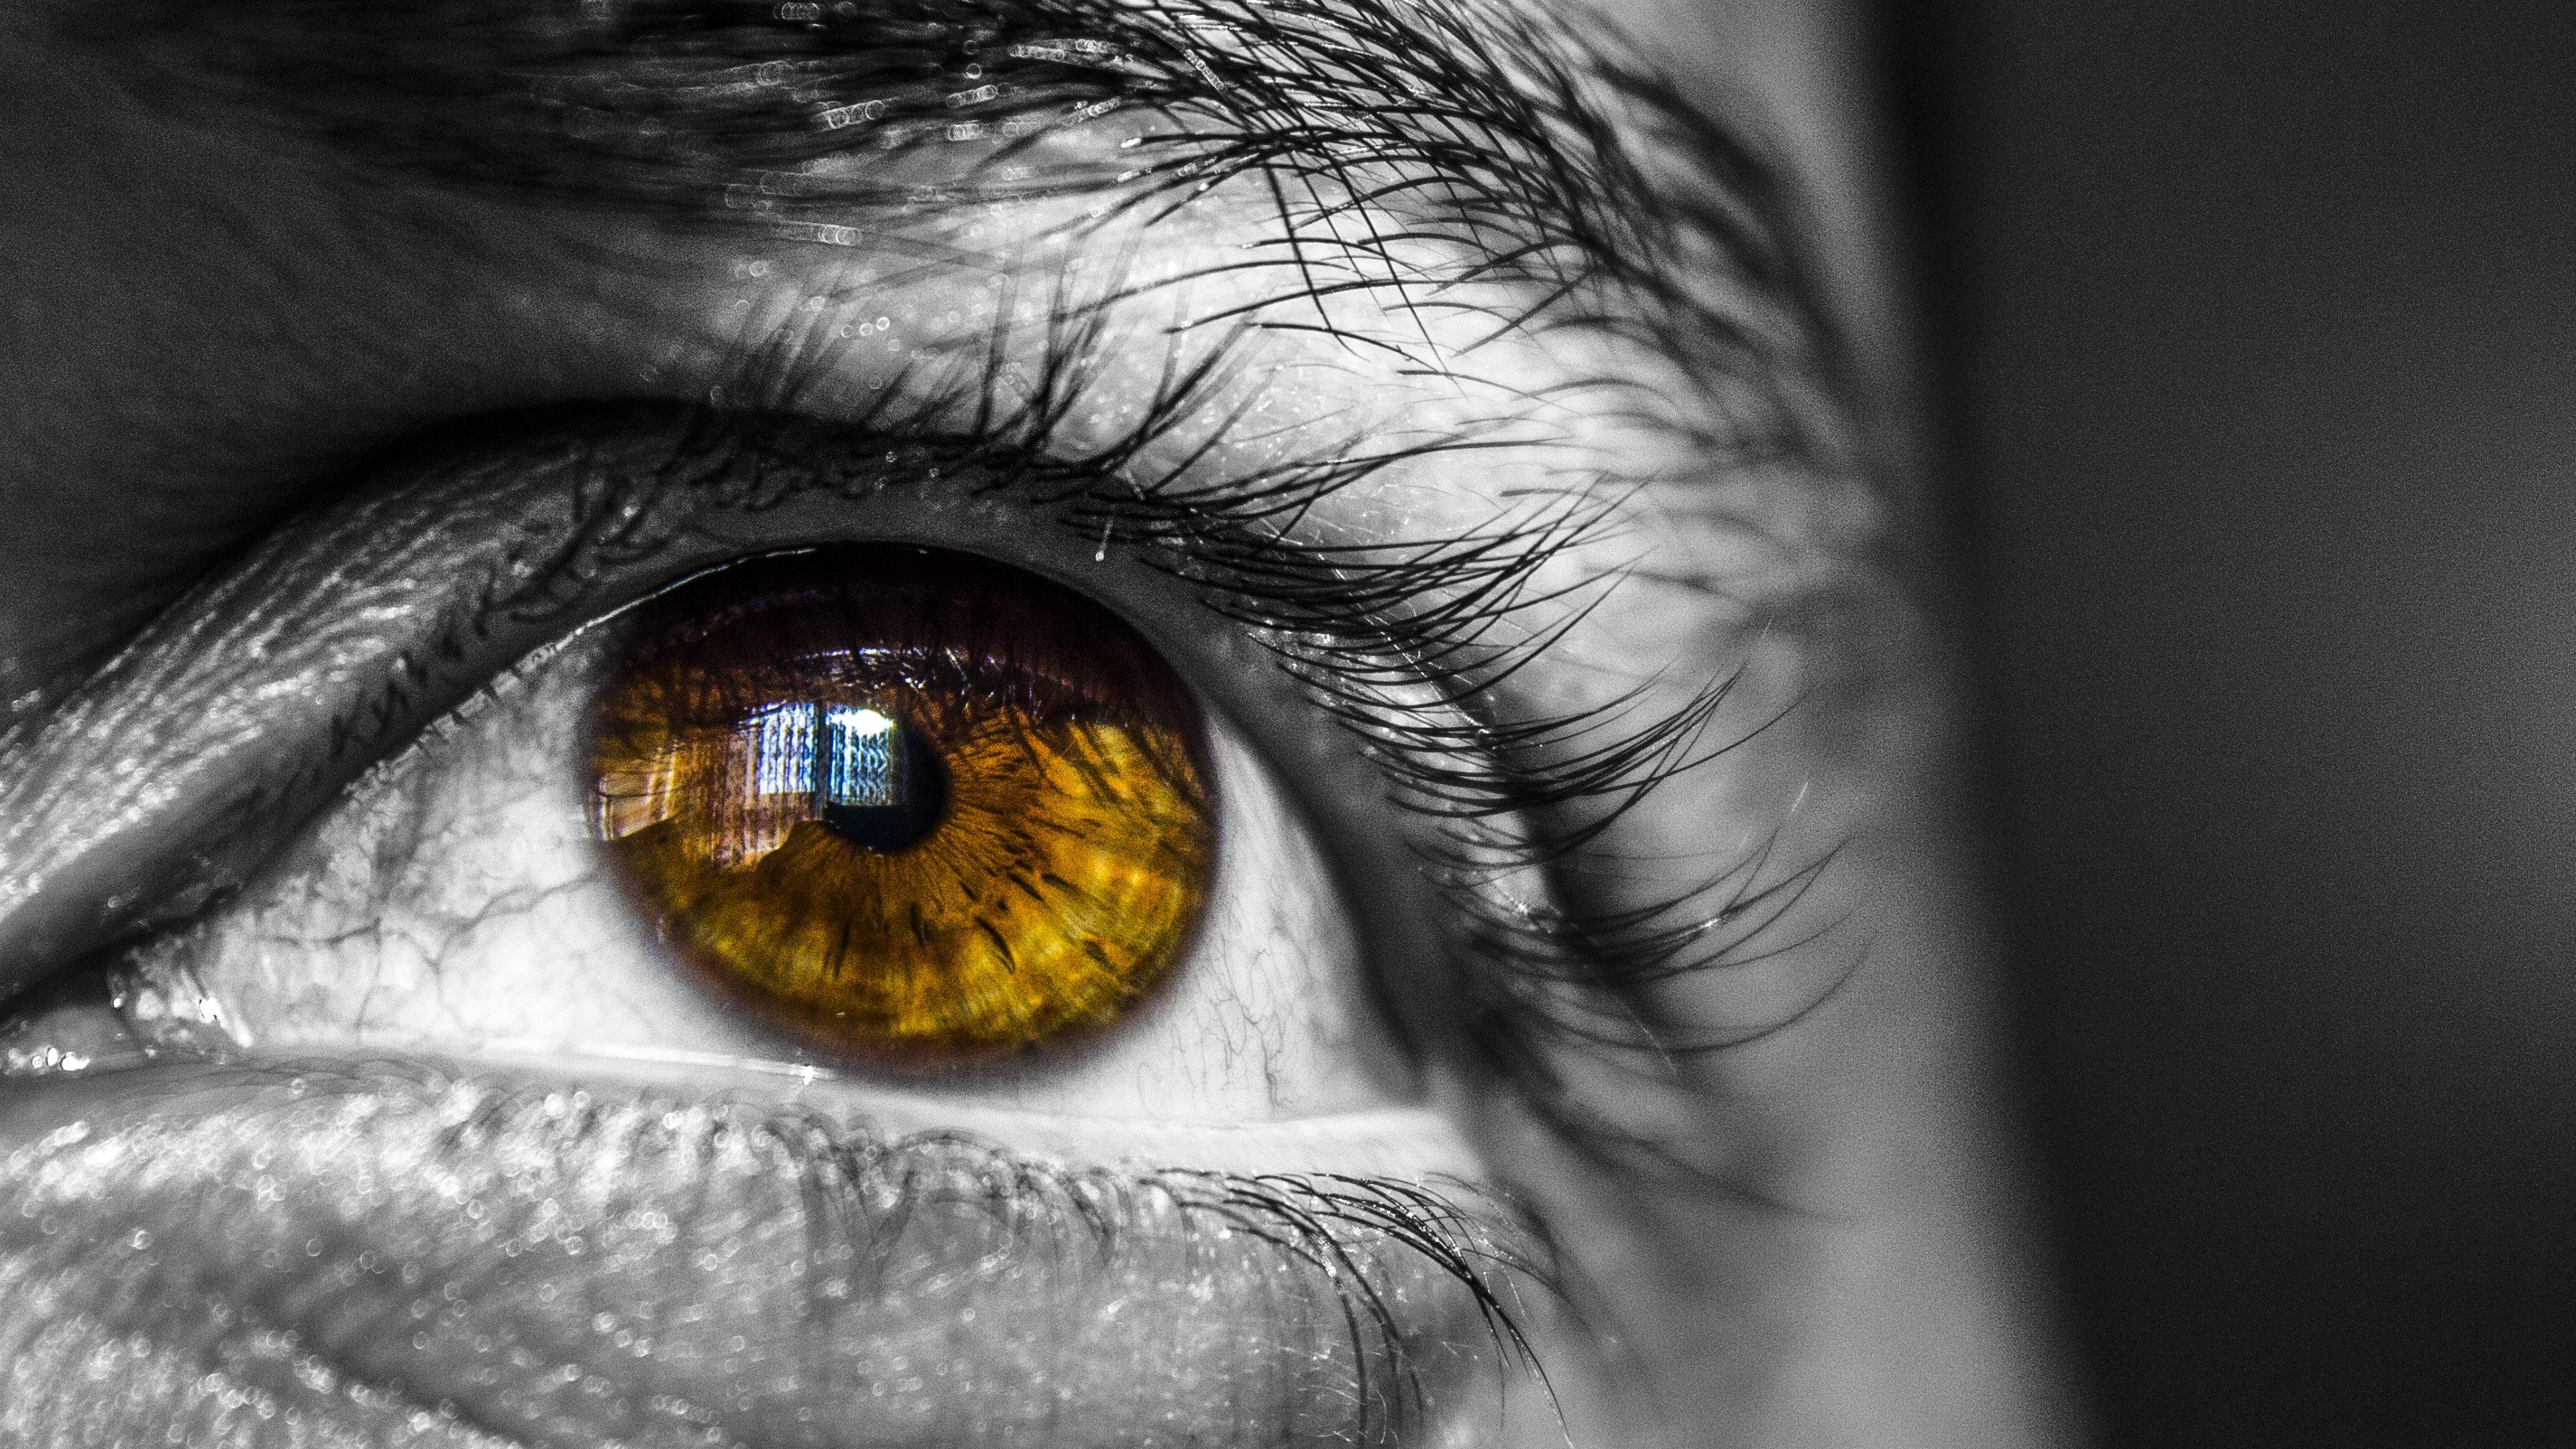 4K Eyes Wallpaper For PC